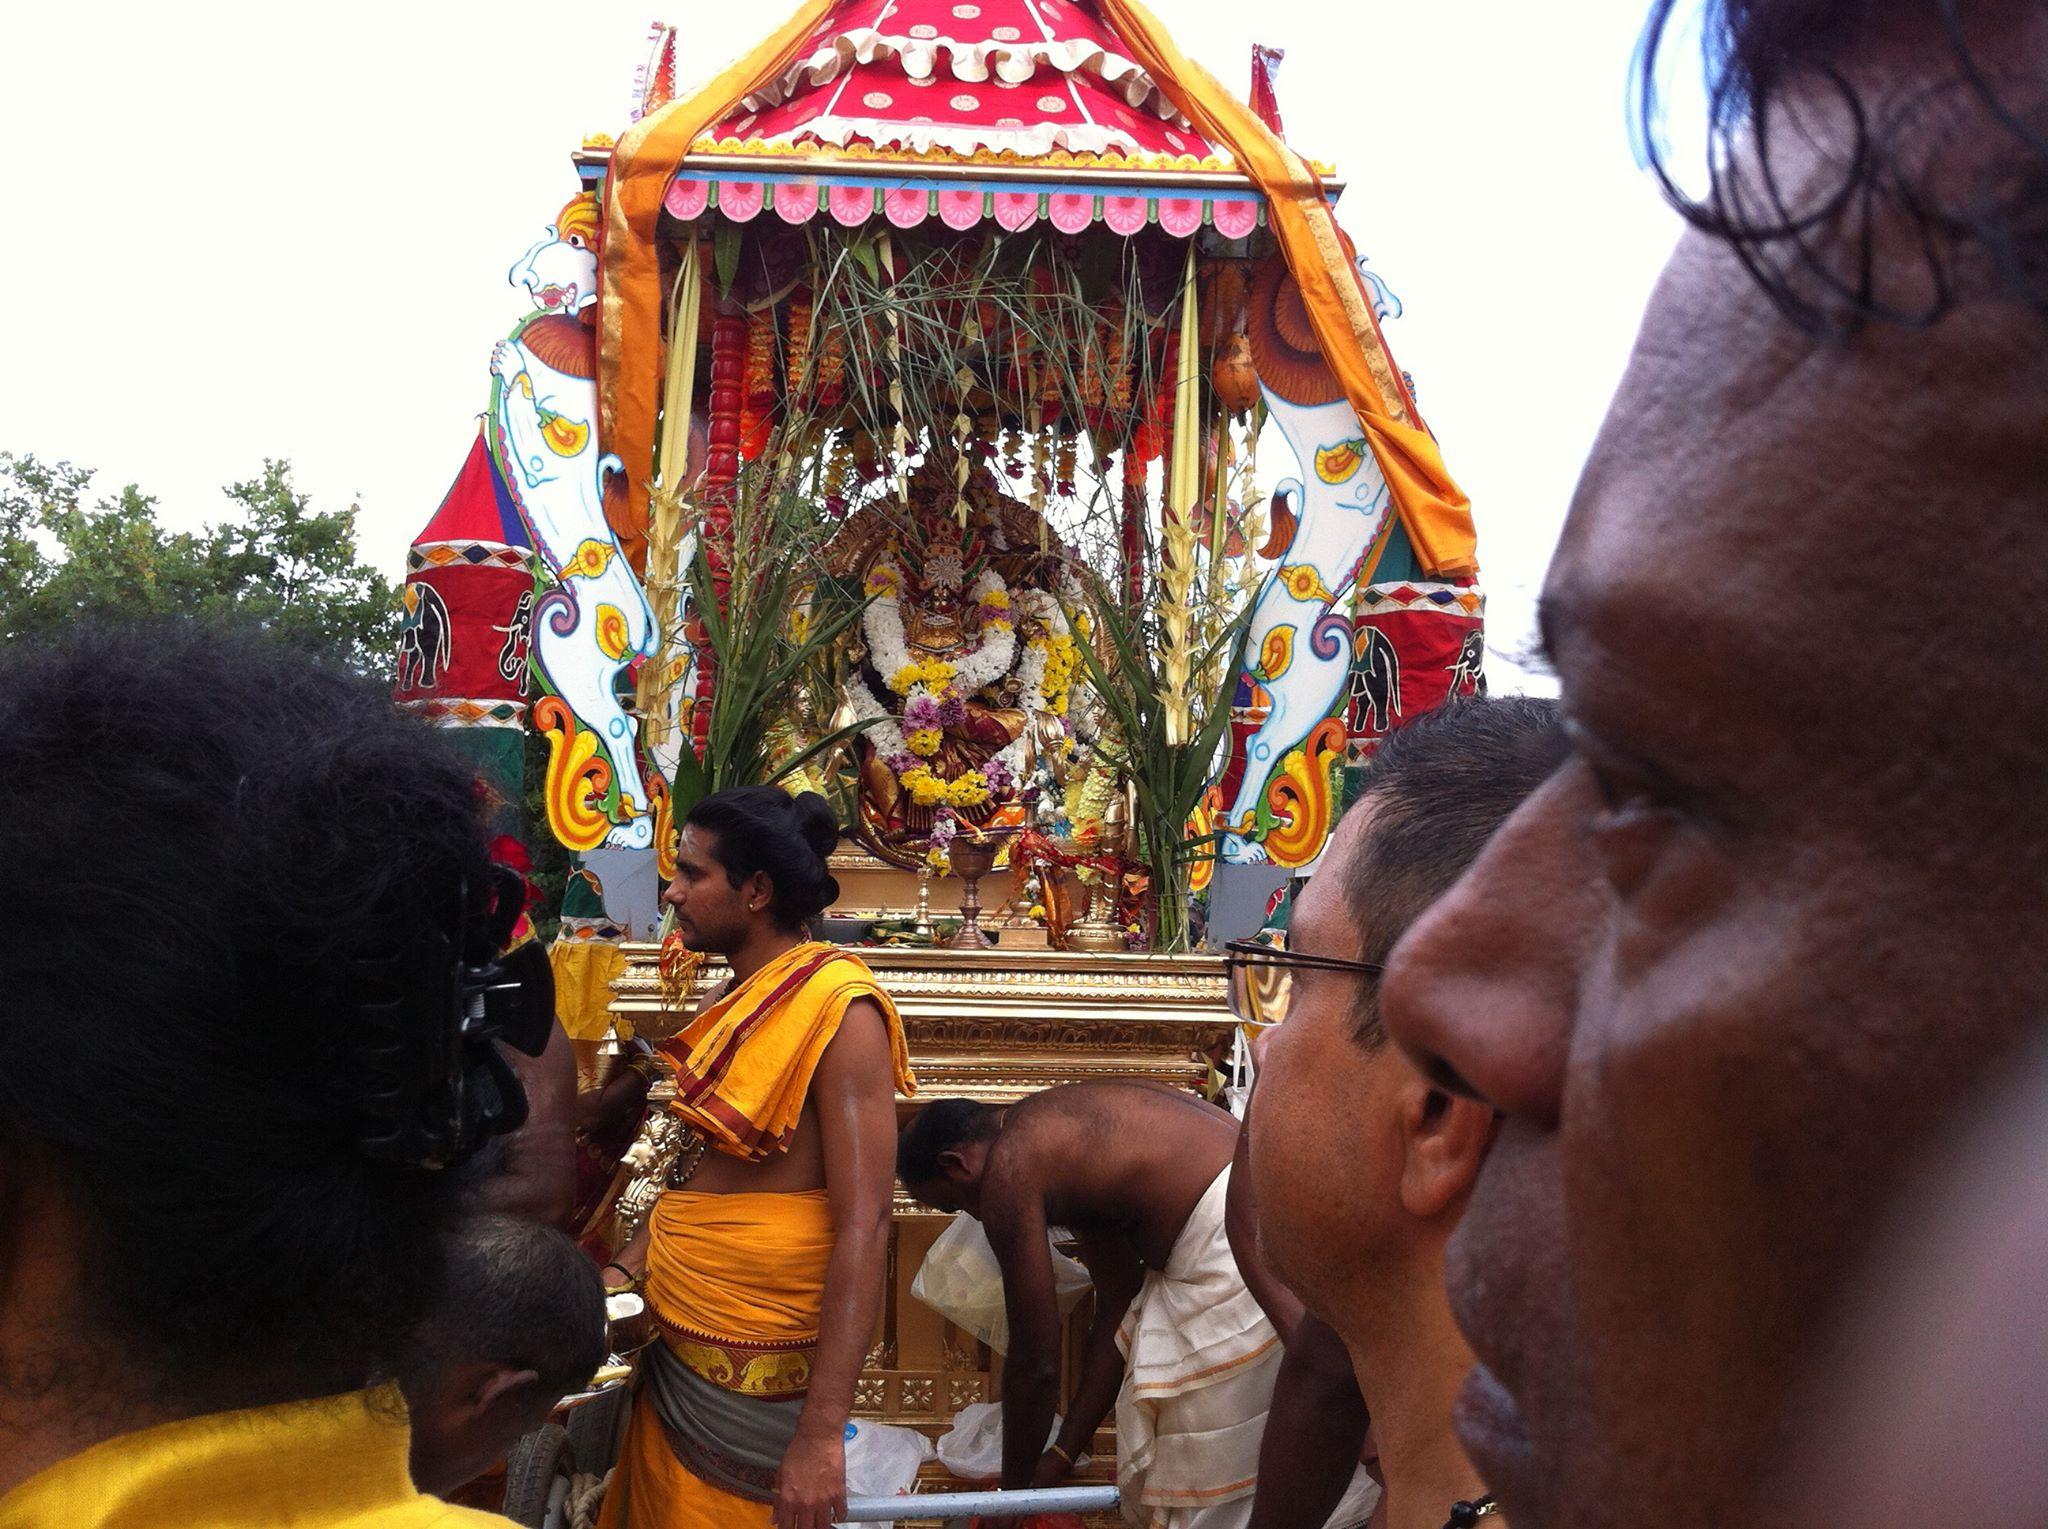 கனோவர் ஸ்ரீ முத்துமாரி அம்மன்தேர்29.07.17 நடந்தேறியது